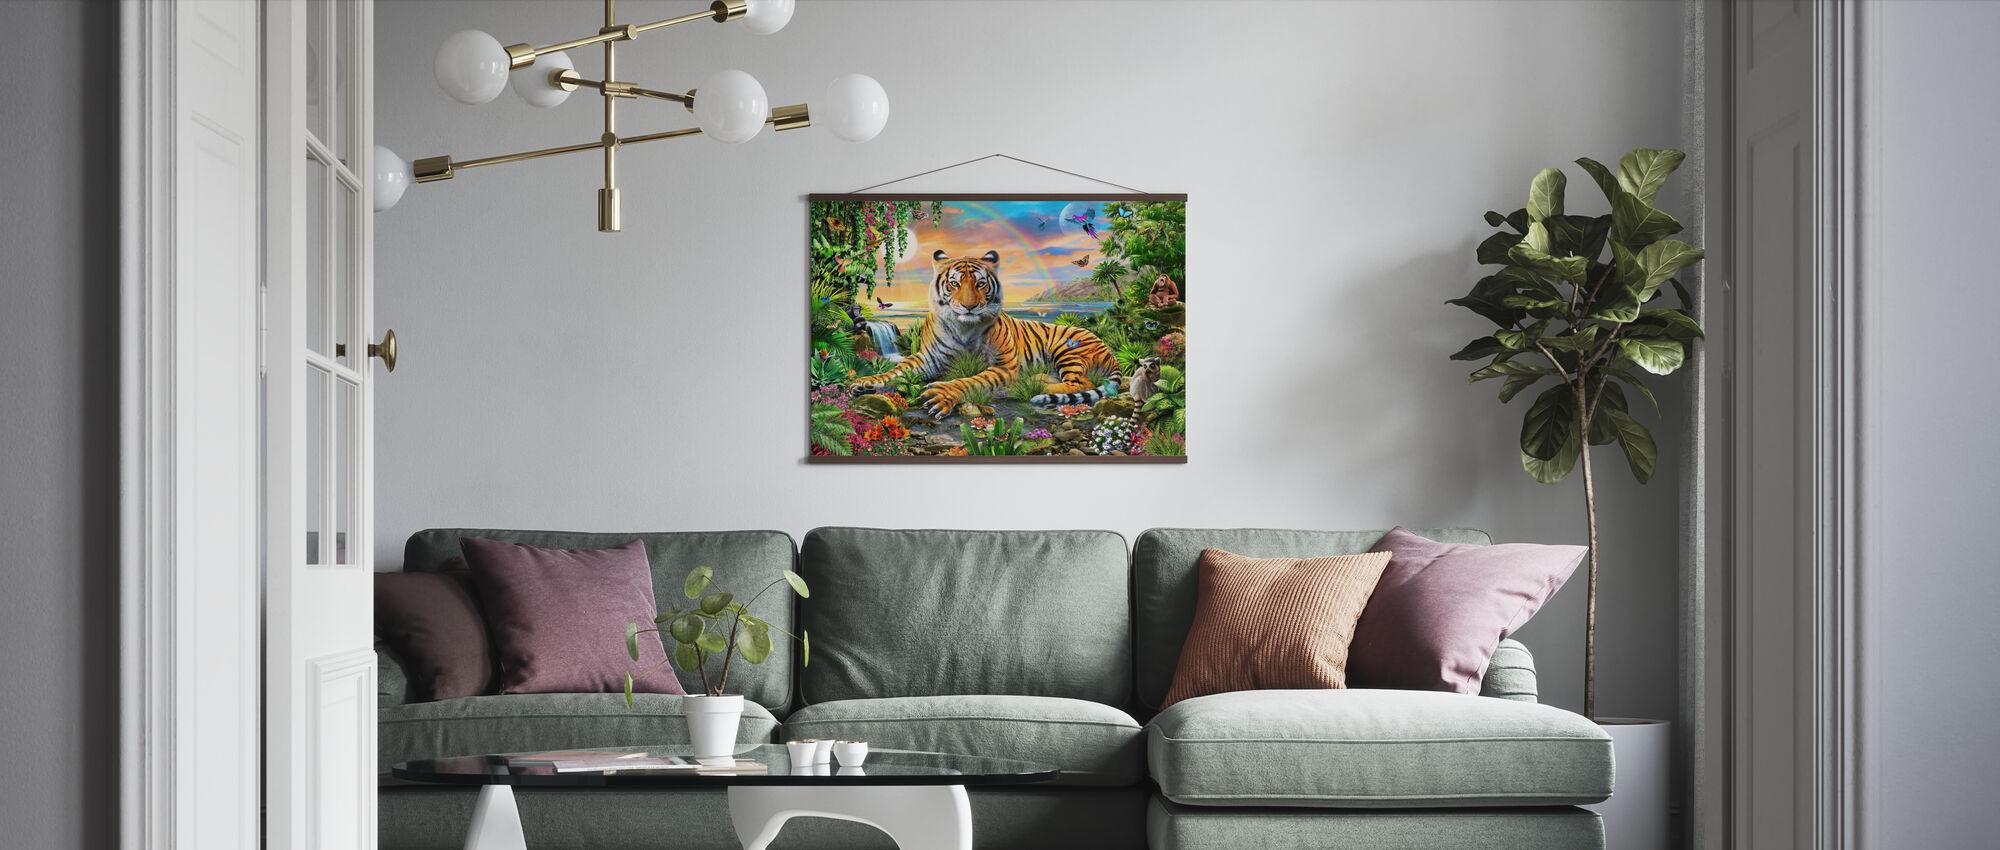 Koning van de jungle - Poster - Woonkamer